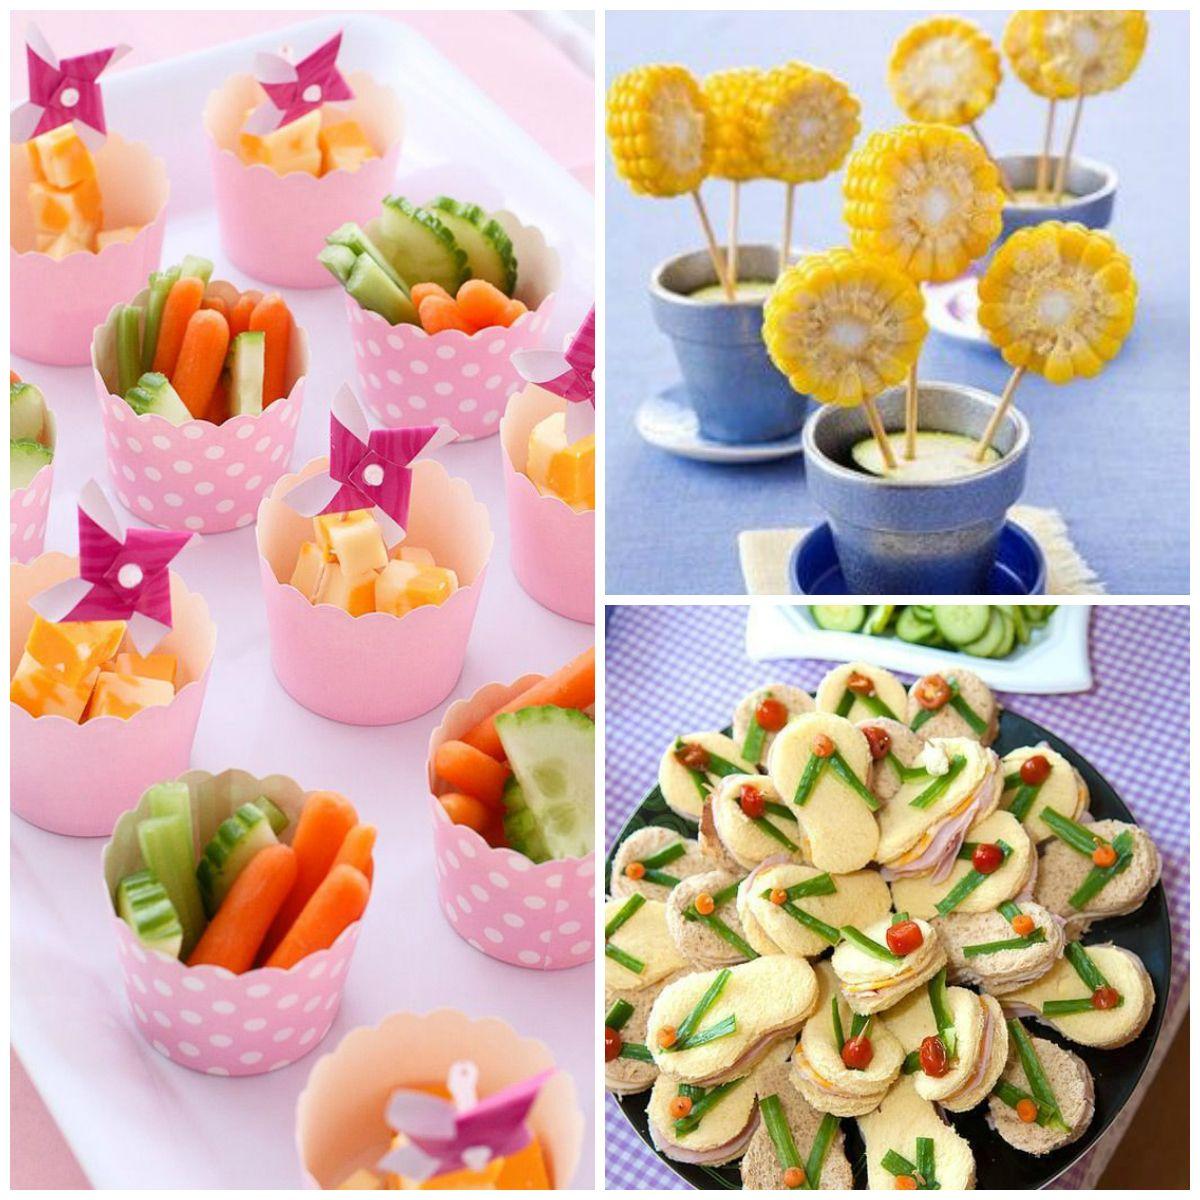 Fabuloso Virou febre: cardápio saudável para festas infantis | Cardapio  OG35